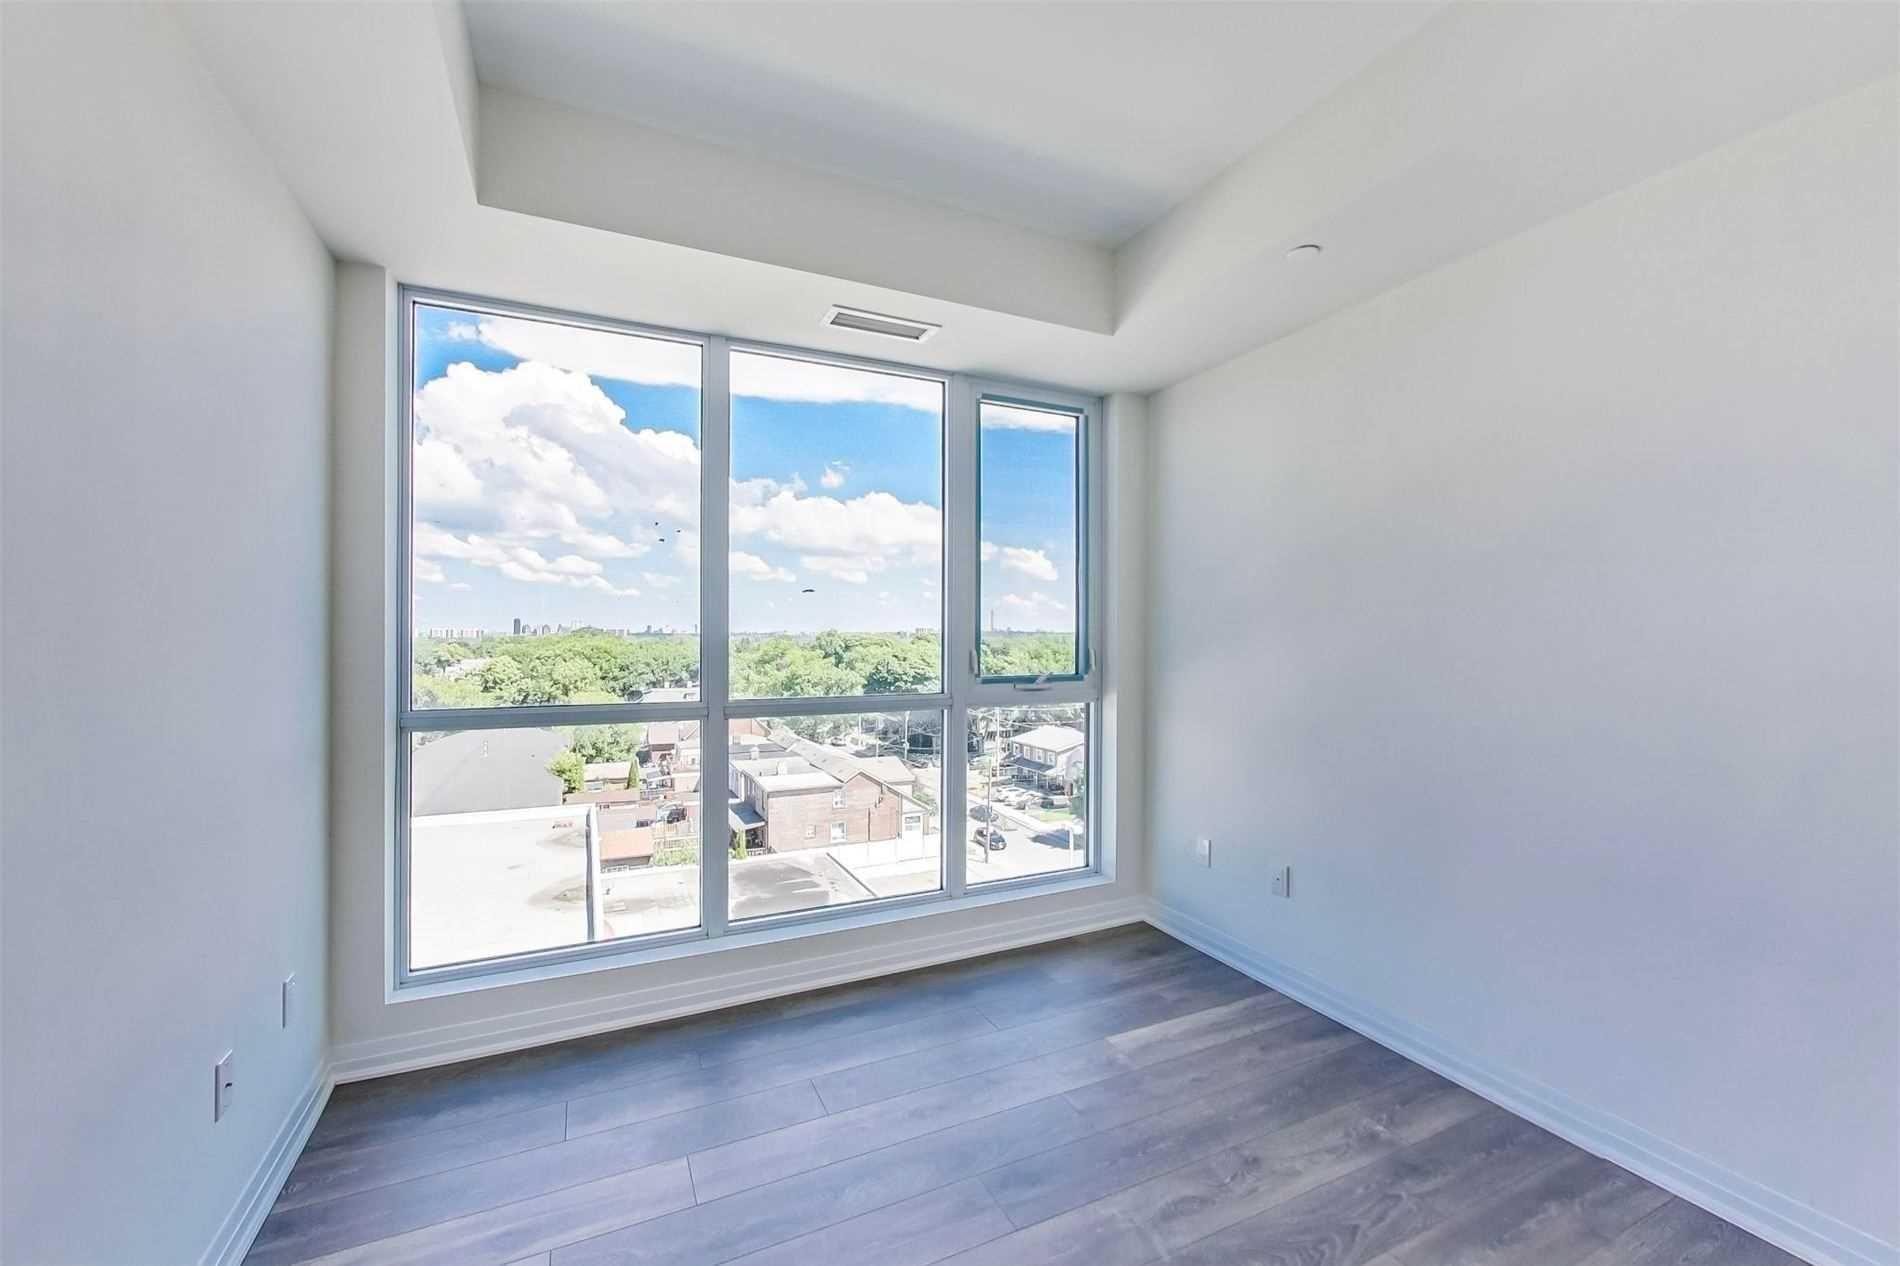 Photo 13: Photos: 711 2301 Danforth Avenue in Toronto: East End-Danforth Condo for lease (Toronto E02)  : MLS®# E4816624